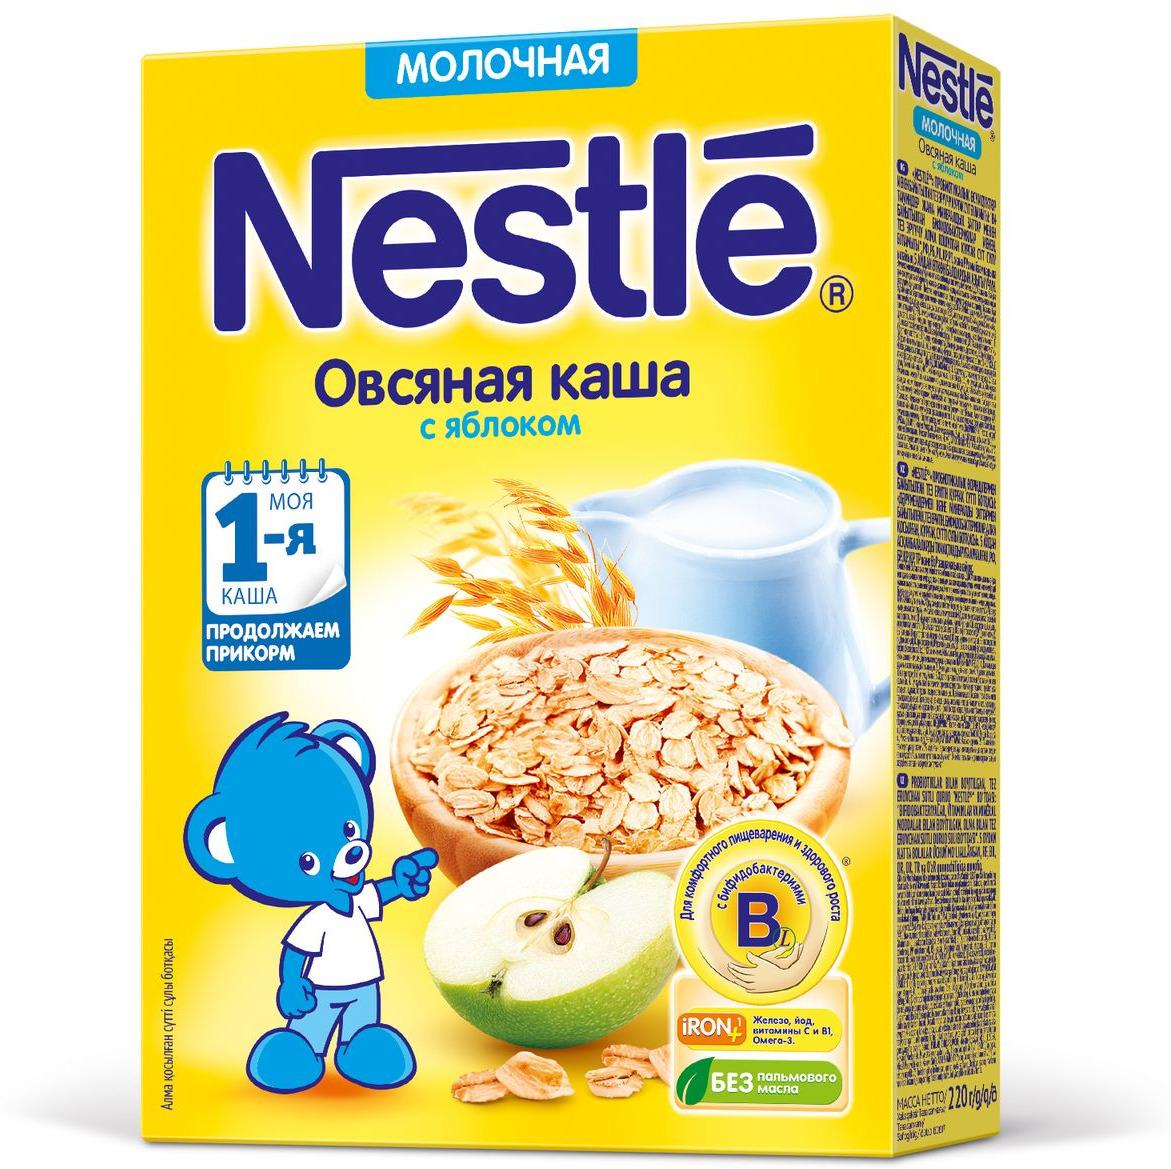 Nestle Овсяная Яблоко каша молочная, 220 г